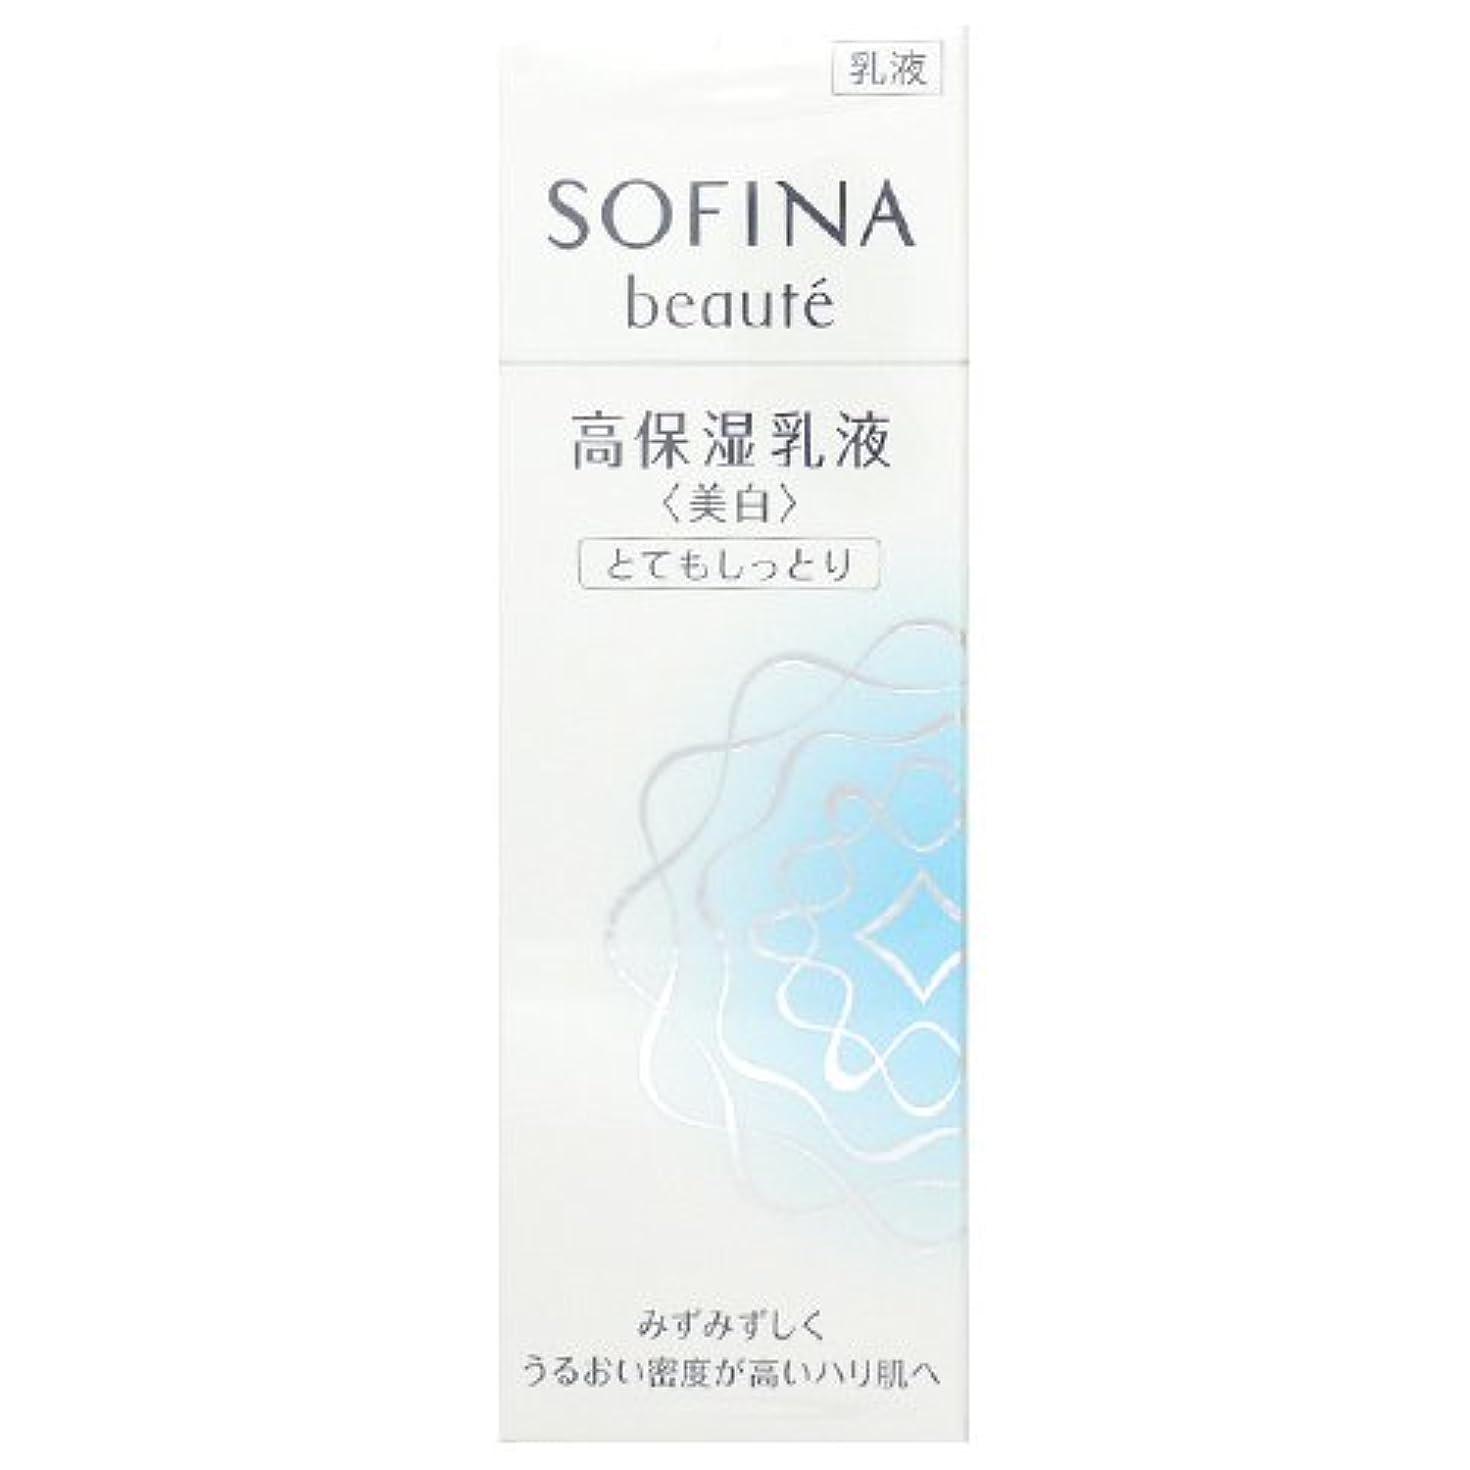 分ワンダー憂慮すべき花王 ソフィーナ ボーテ 高保湿乳液 美白 とてもしっとり 60g